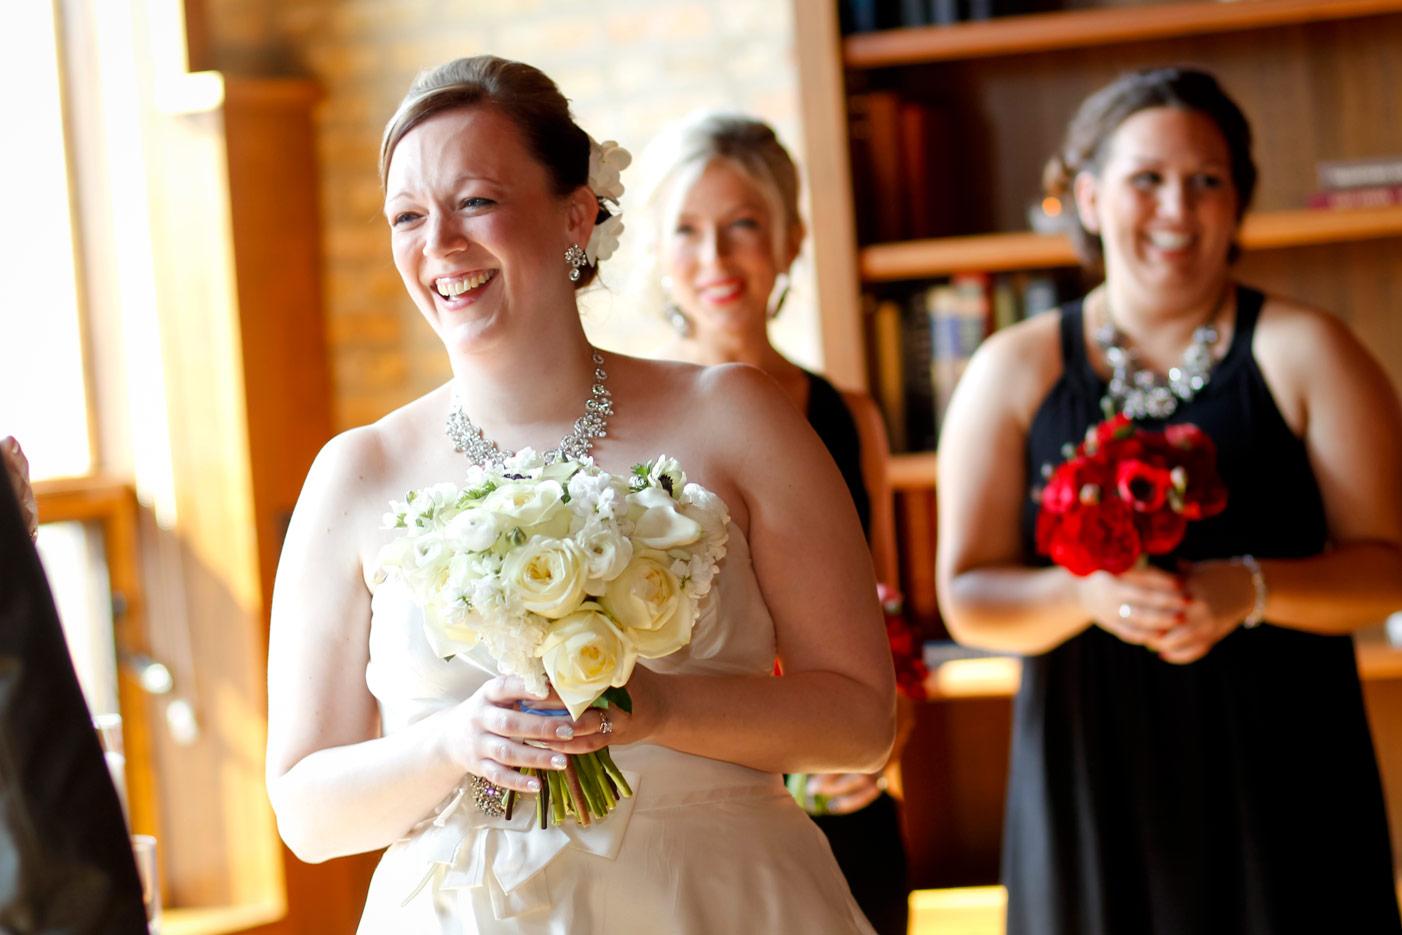 revolution-brewing-chicago-blackhawks-wedding-ruthie-hauge-photography-46.jpg